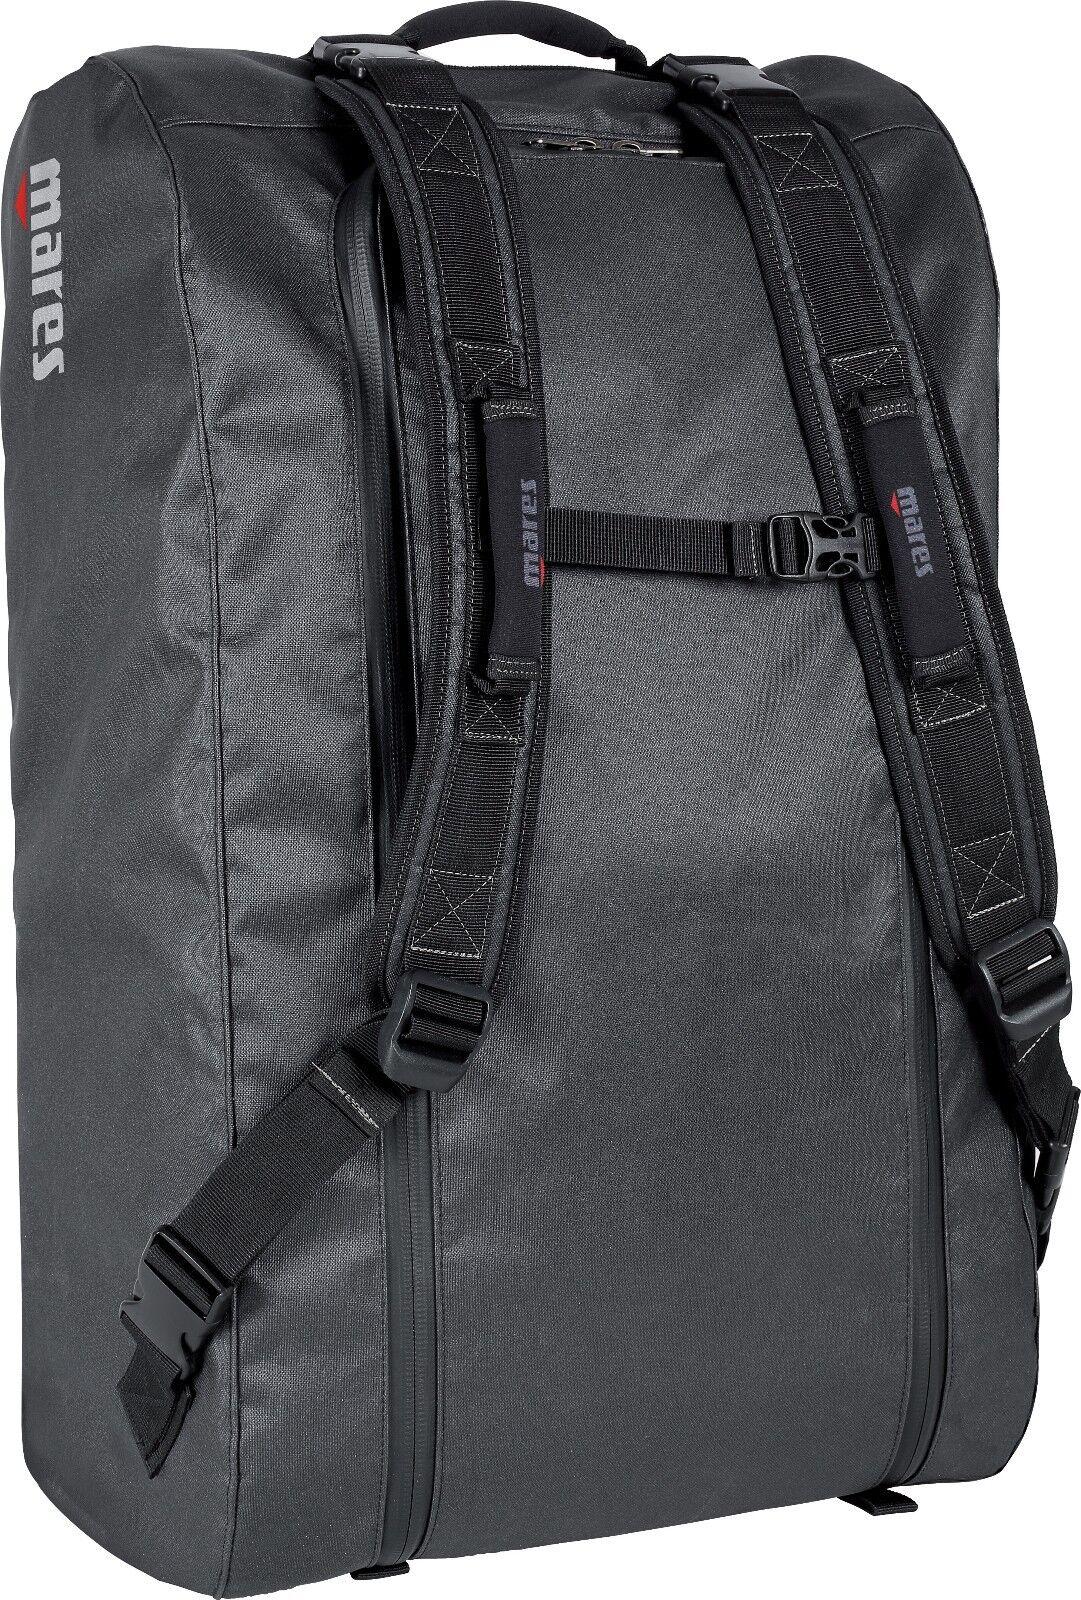 Mares Cruise Backpack Dry wasserdichte Tasche Tauchrucksack - nur 1 1kg